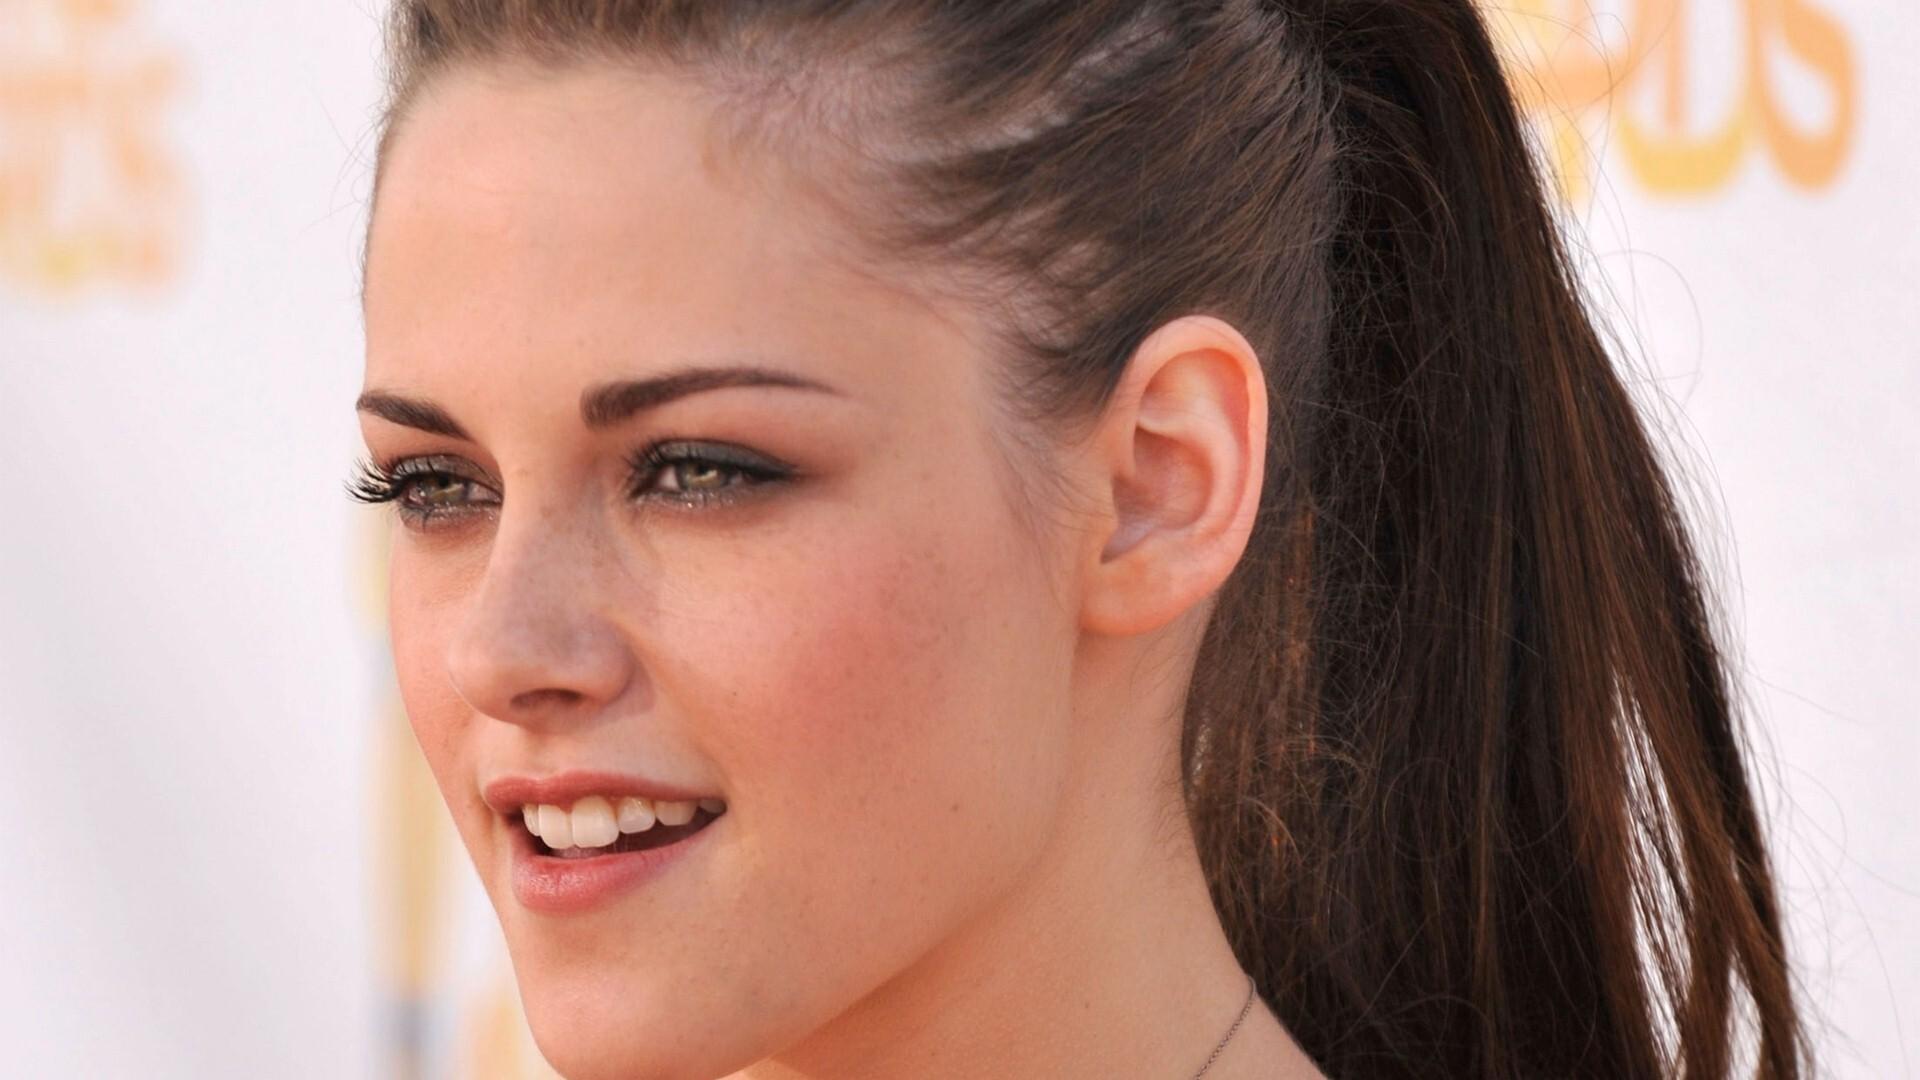 Kristen Stewart Live Wallpaper Download Kristen Stewart Live